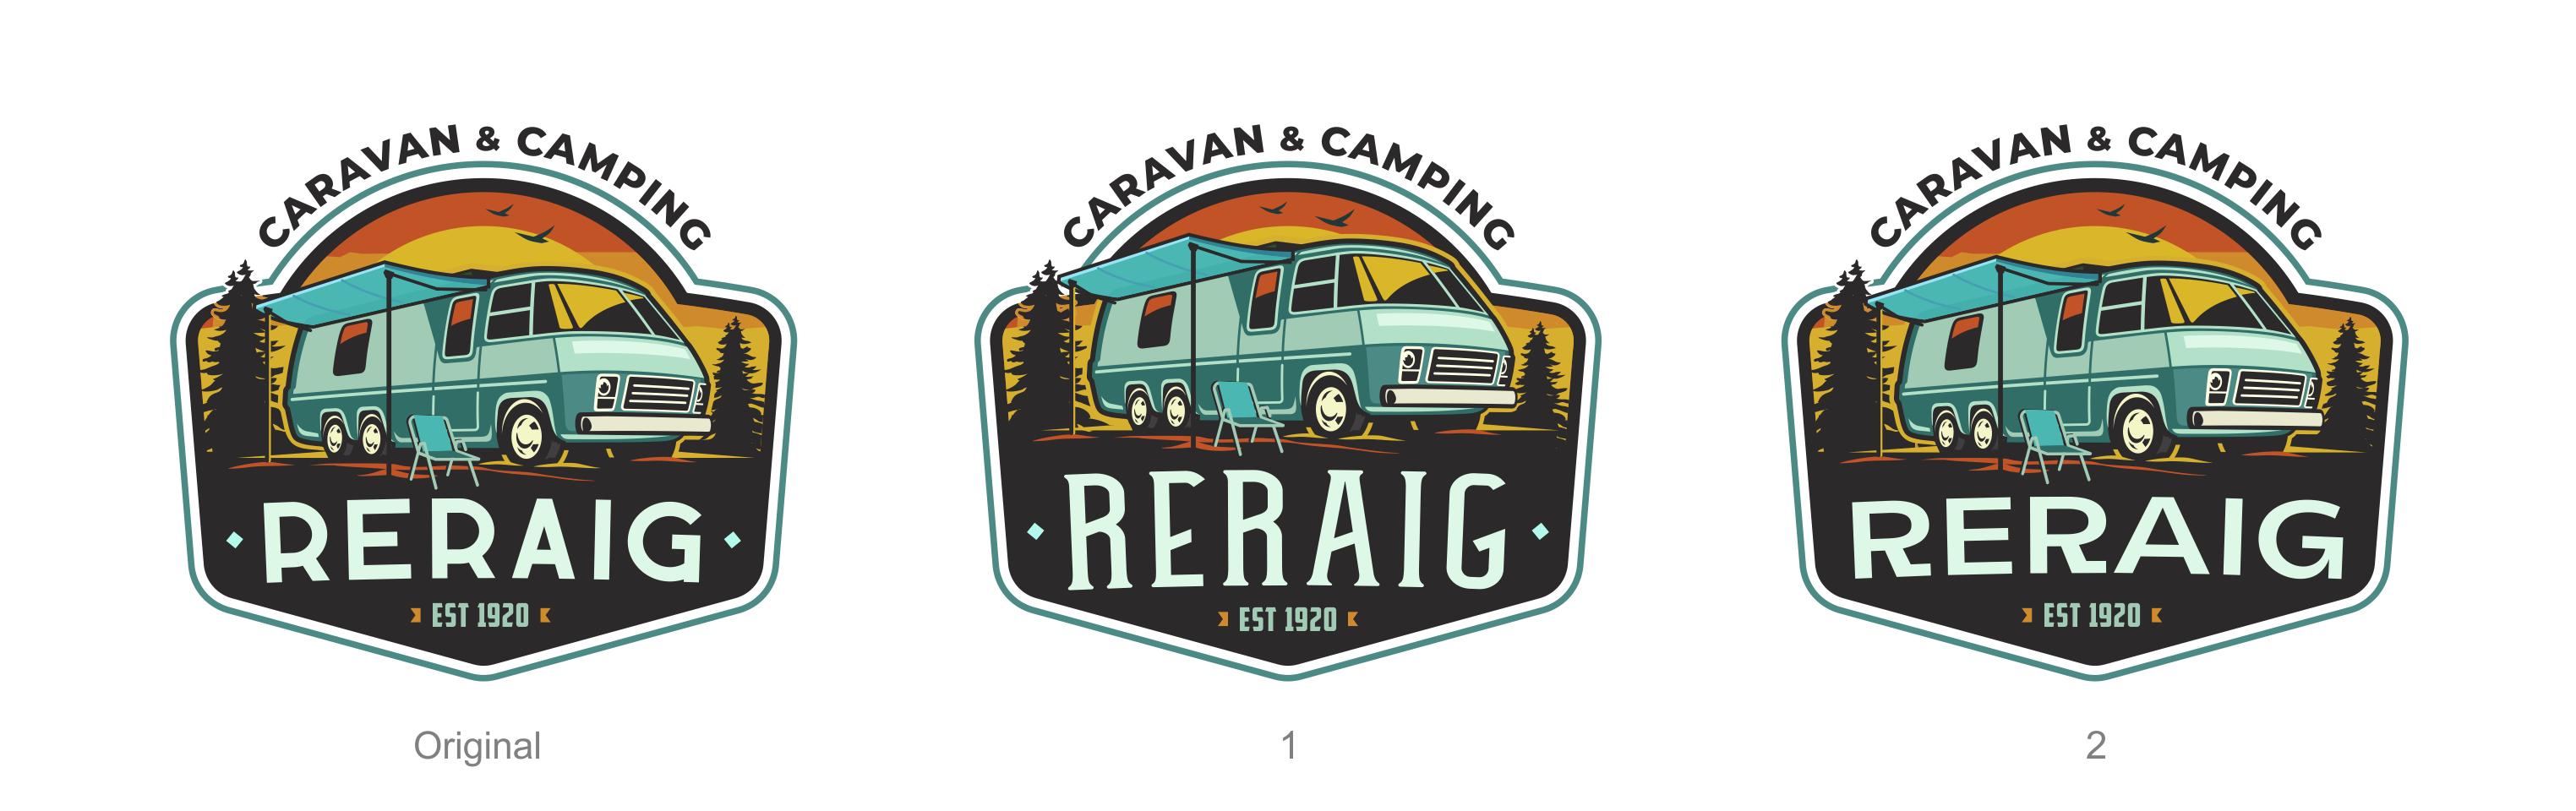 Retro RV camp logo for our new cool campsite!